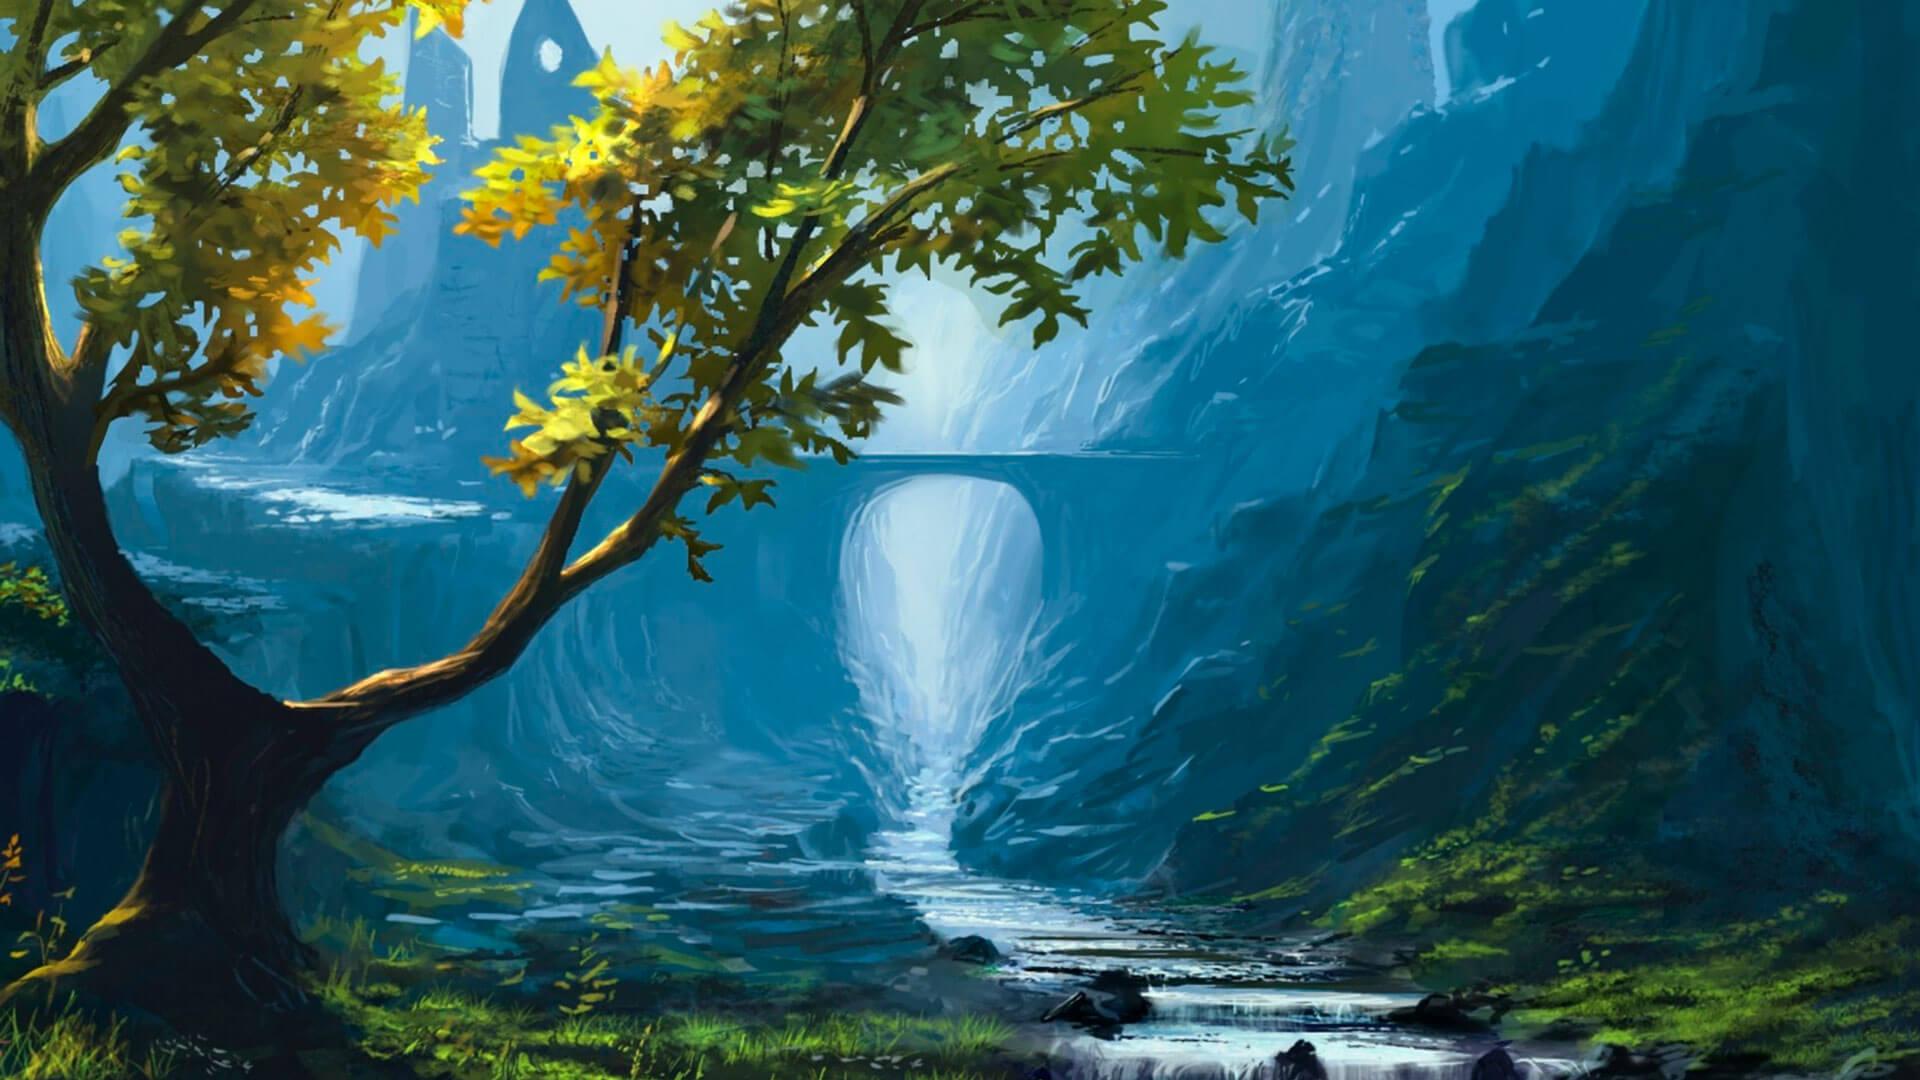 джей росла игровые картинки красивые о природе говорят местные чиновники